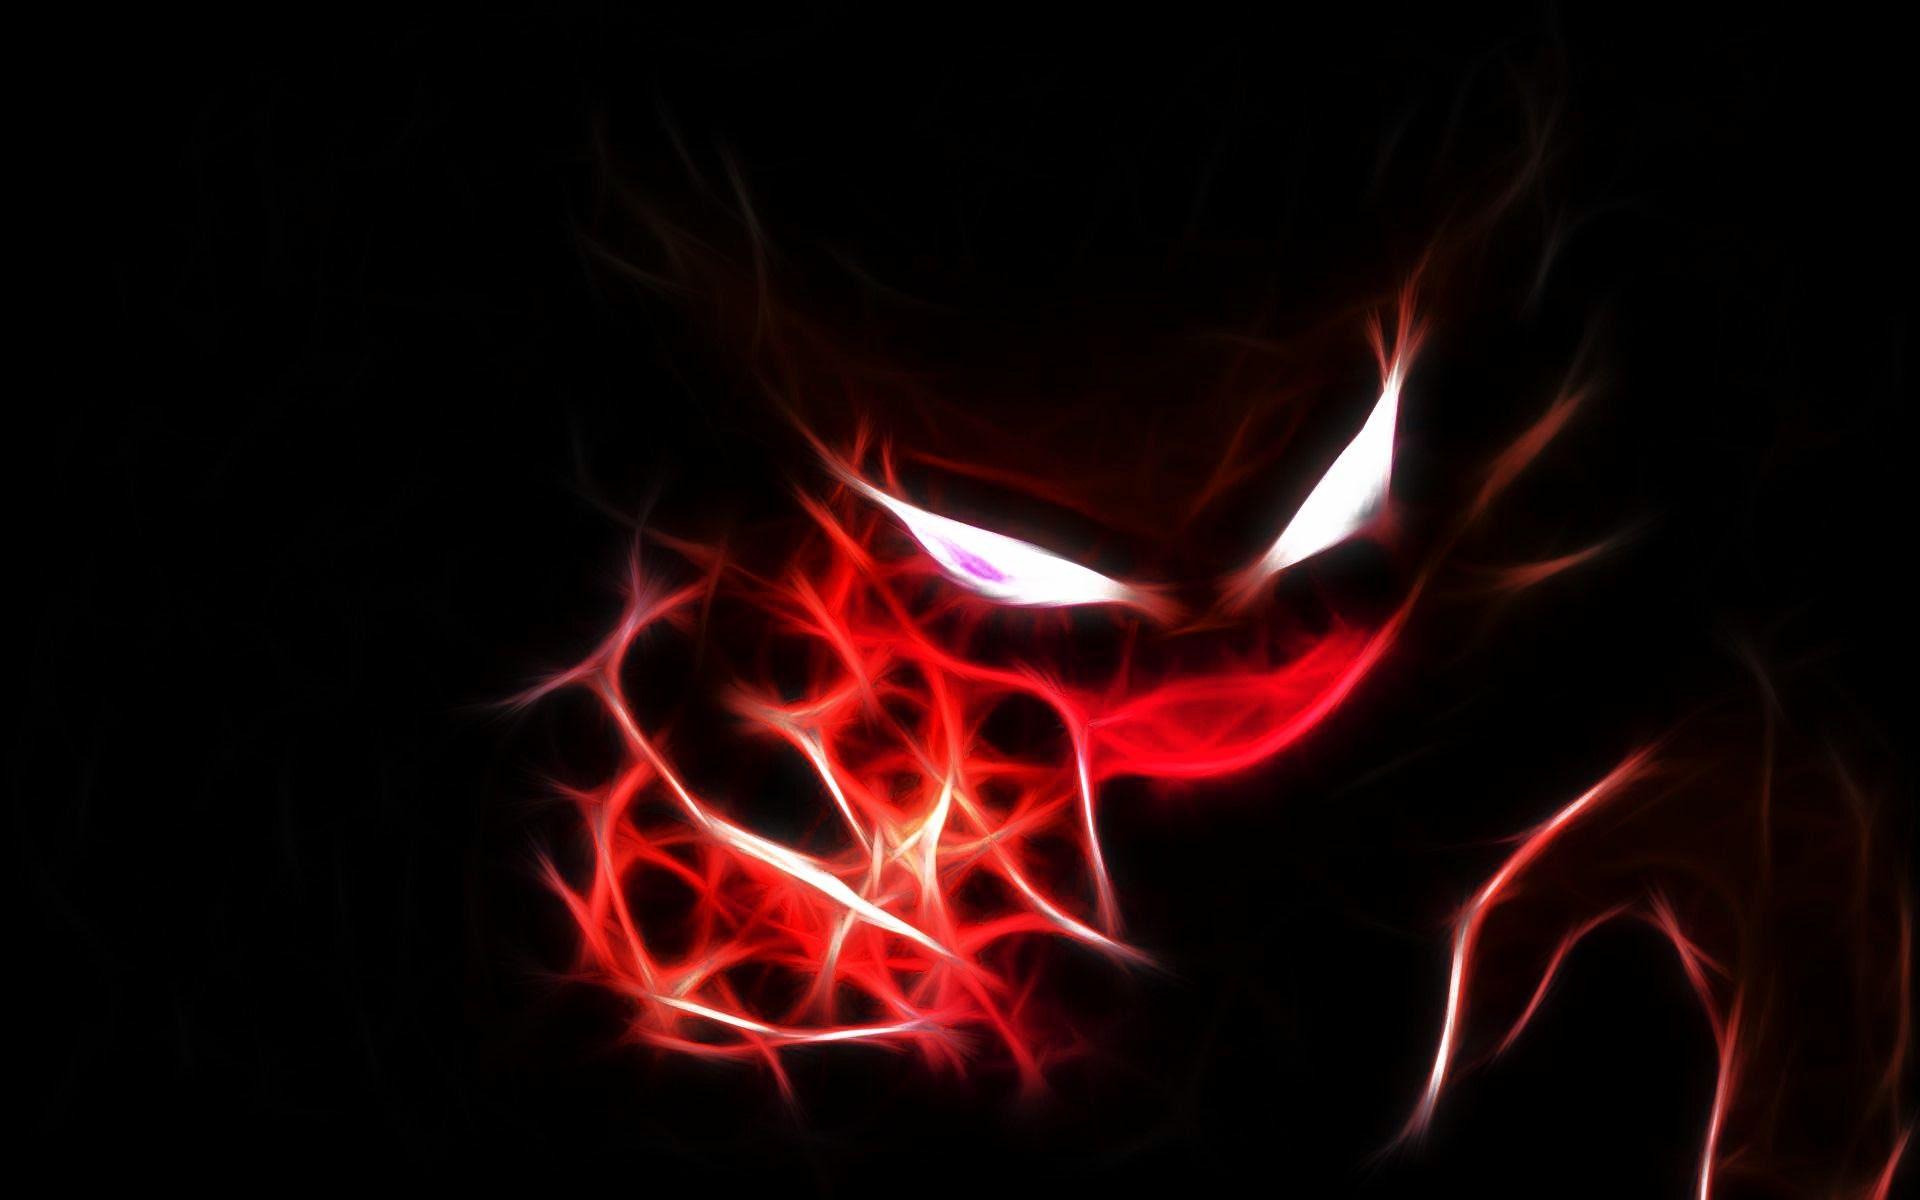 Cool Red and Black Wallpapers - WallpaperSafari